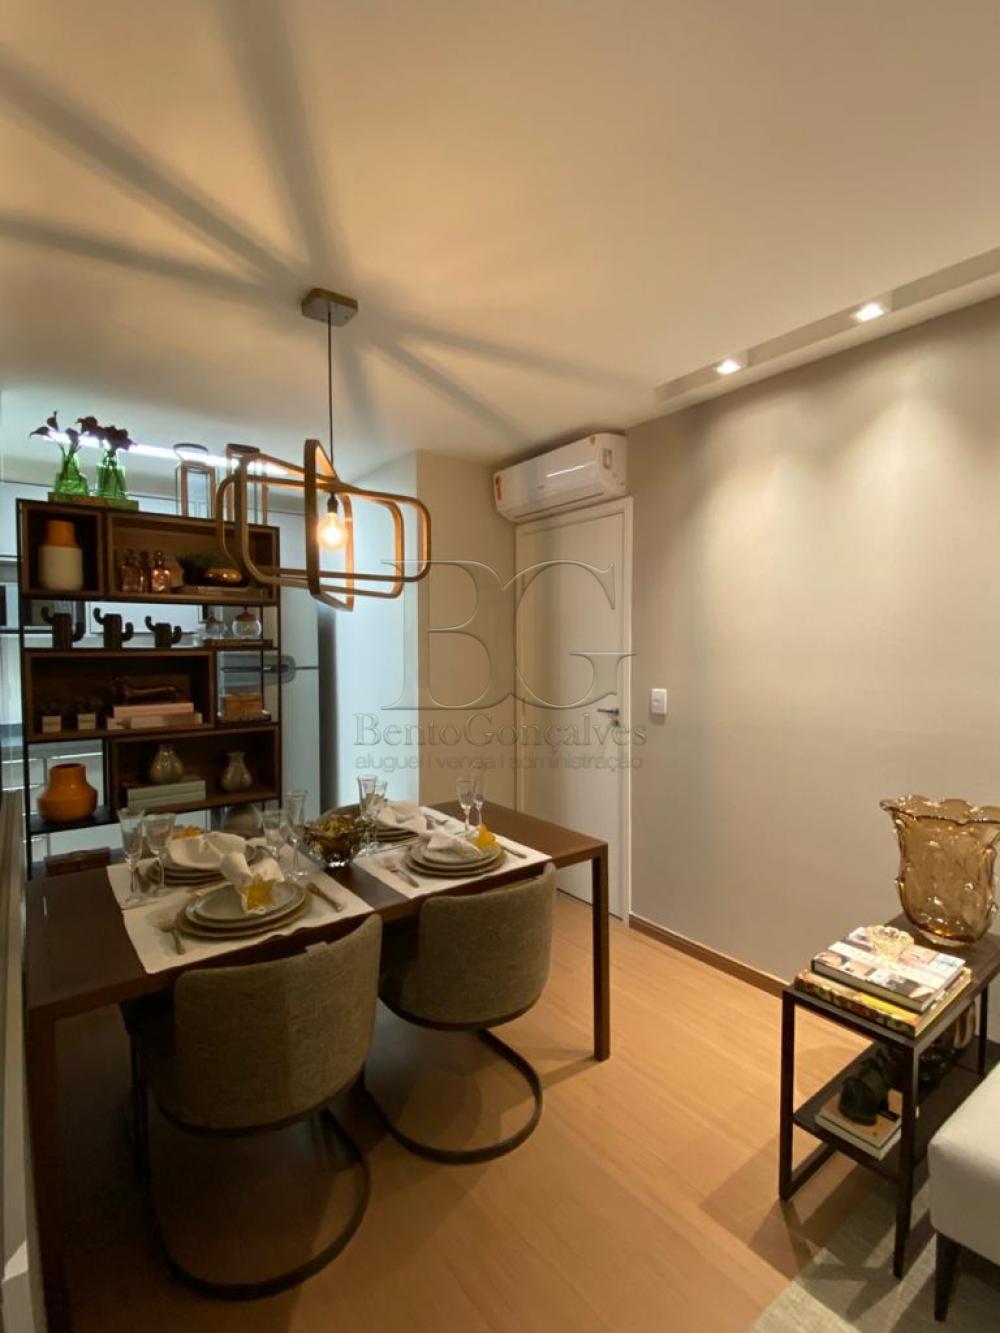 Comprar Apartamentos / Lançamento em Poços de Caldas apenas R$ 170.000,00 - Foto 10